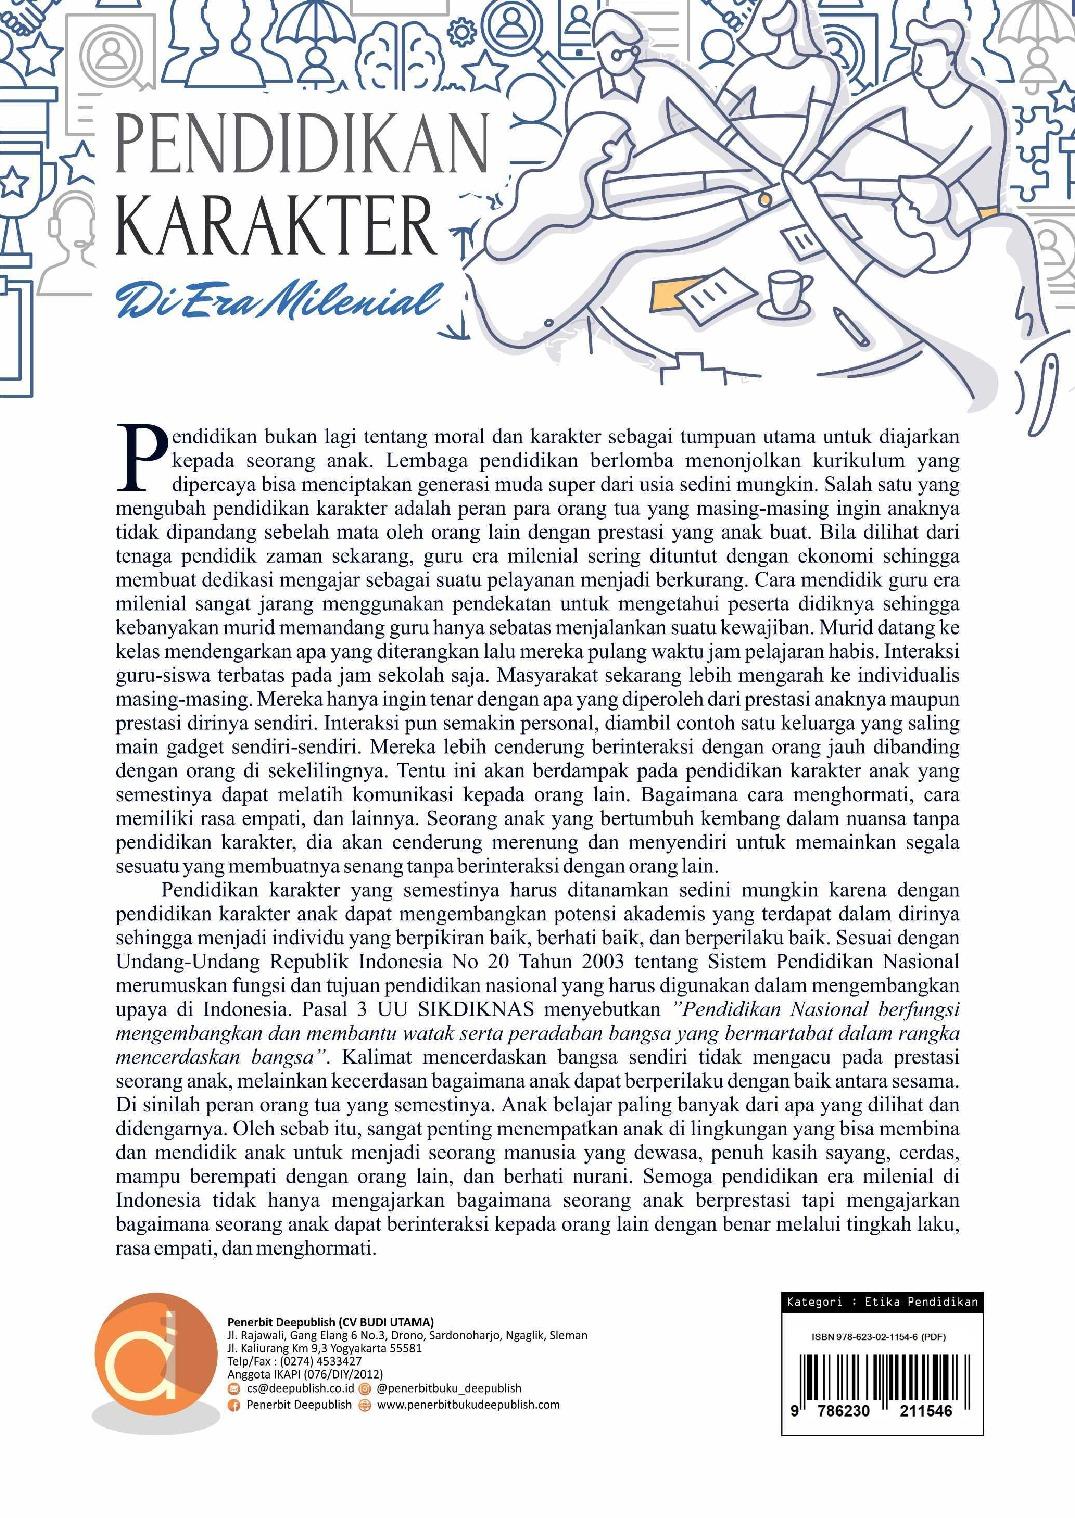 Pendidikan Karakter Di Era Milenial Book By Adi Suprayitno Wahid Wahyudi Gramedia Digital